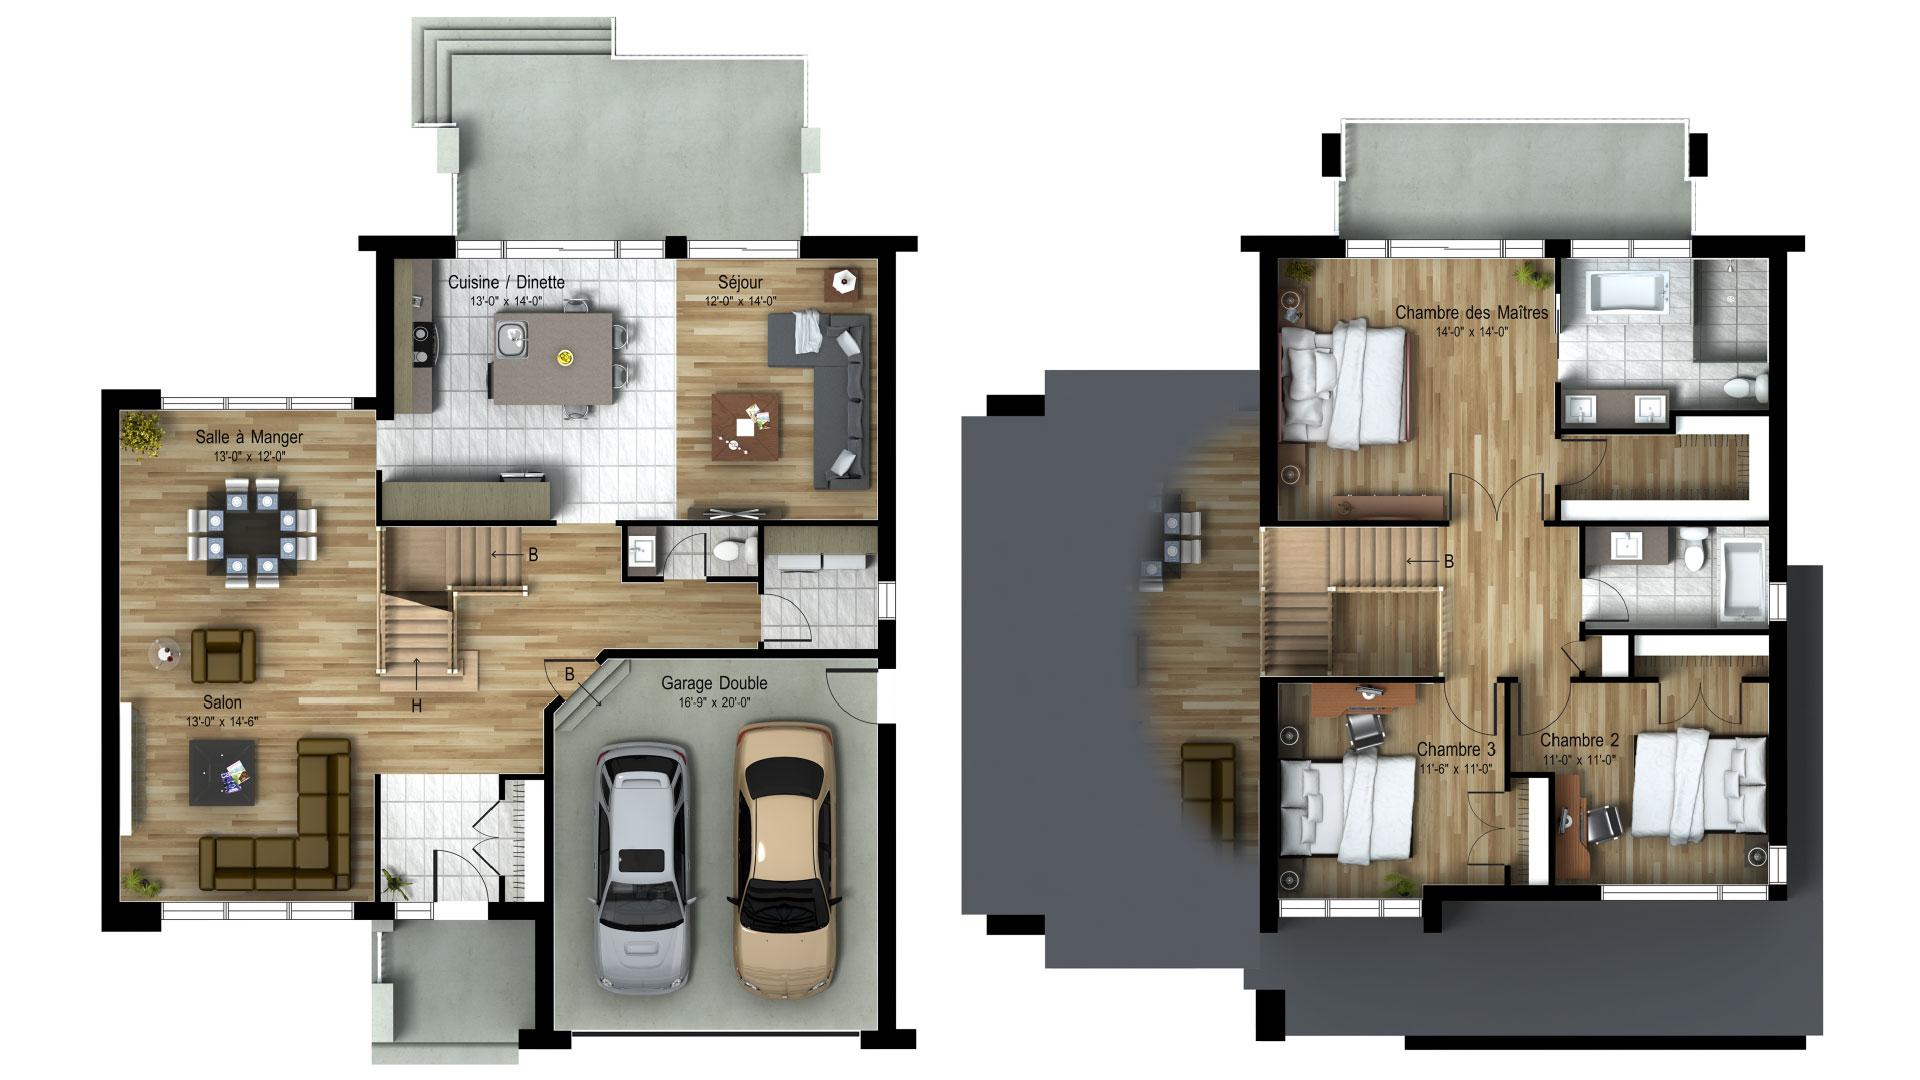 Cottage_Contemporain_Infinity_Plan de maison de luxe_Domicil